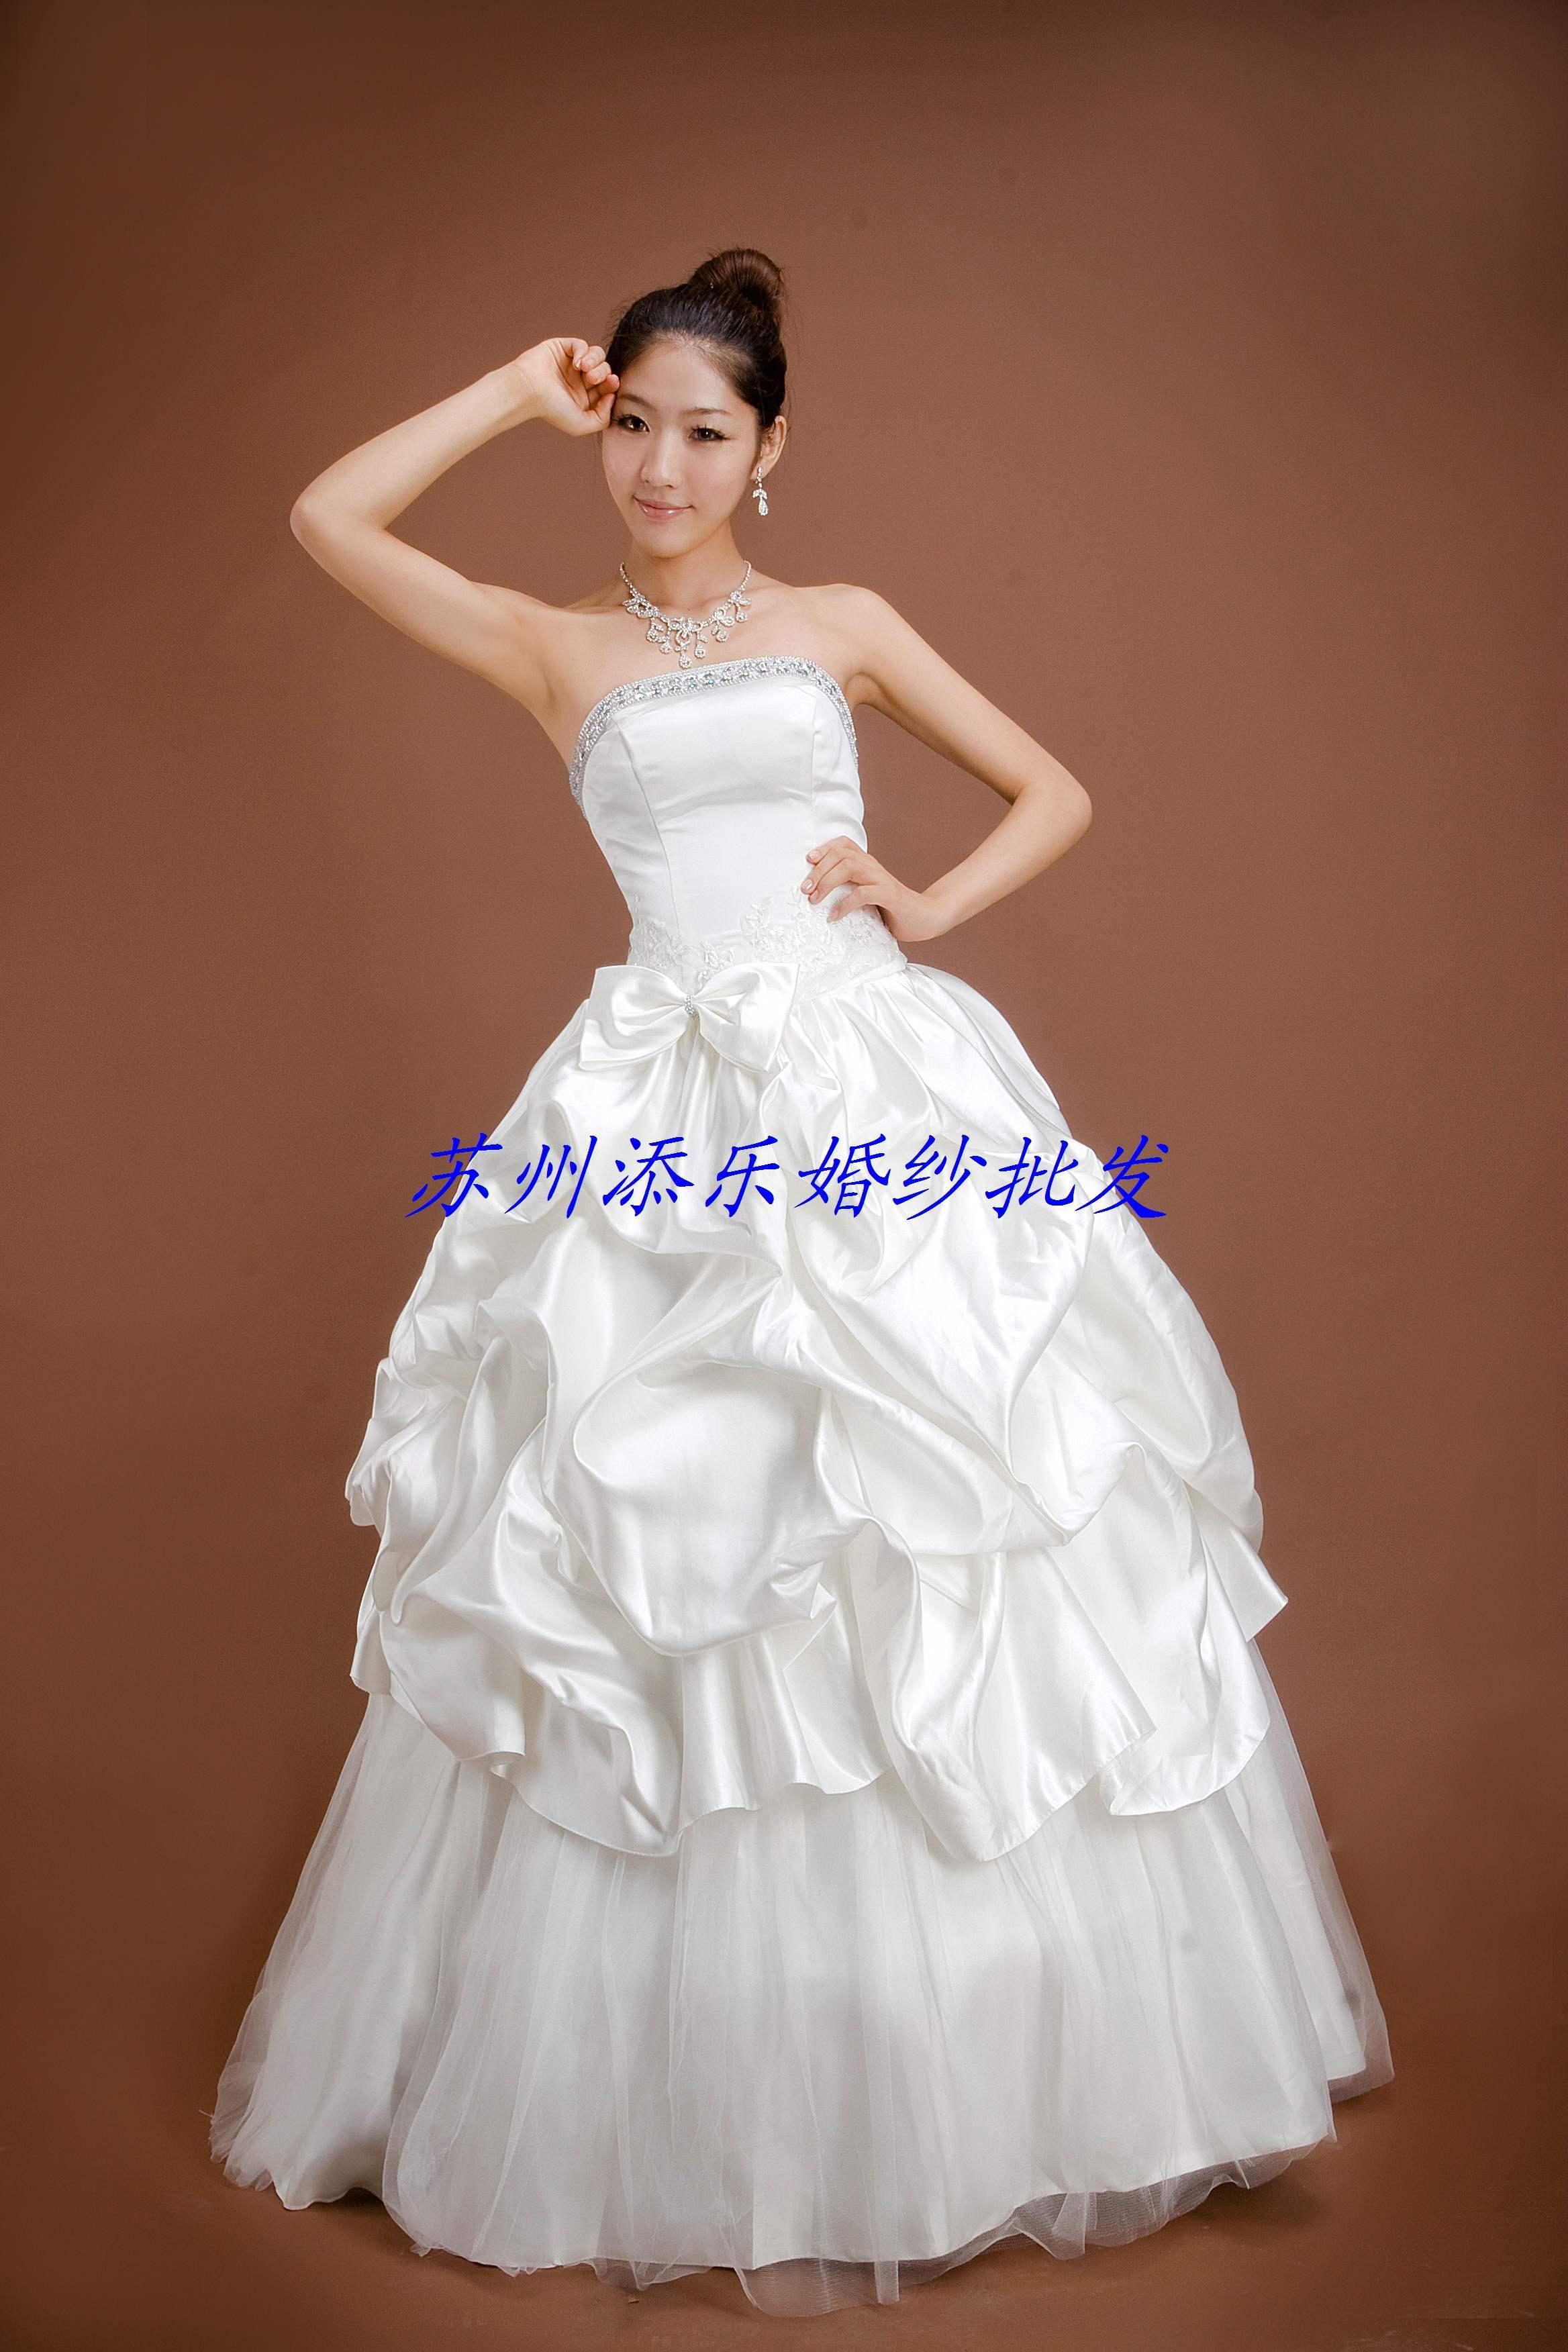 Свадебное платье Shili Shantang 1015 CX1015 150 Атлас, сатин Принцесса с кринолином